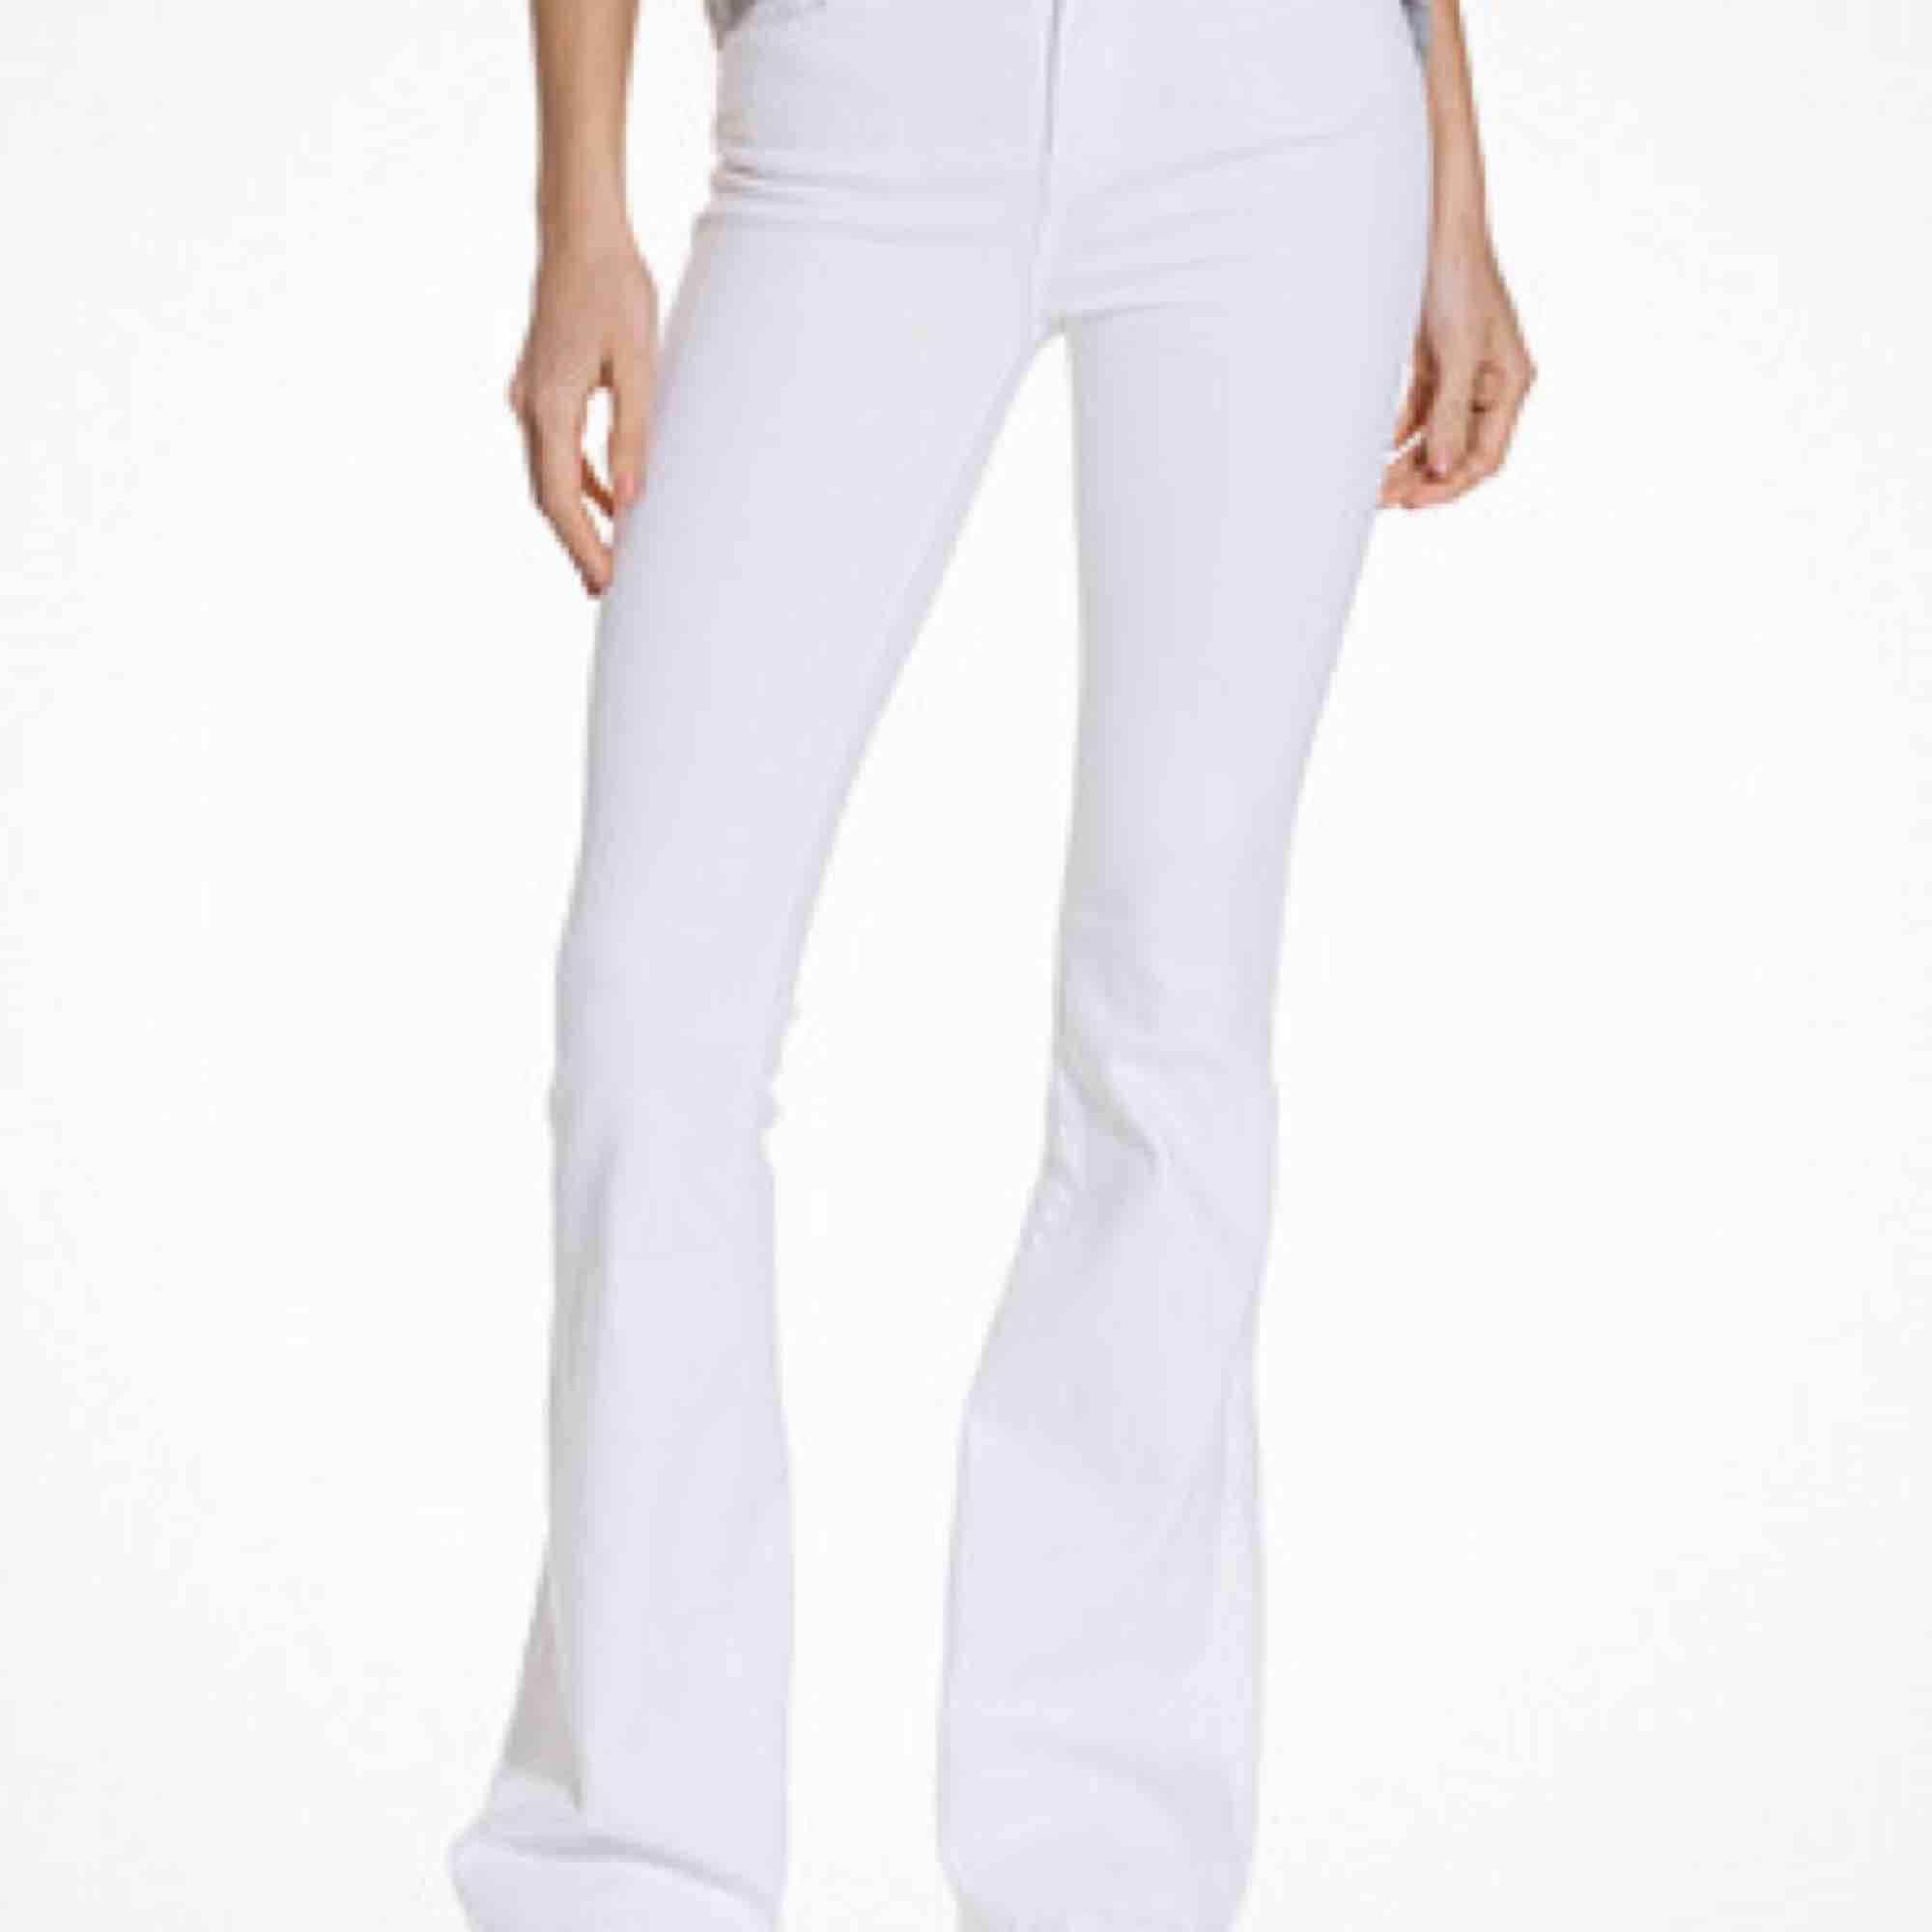 Säljer mina vita Macy bootcut byxor från Dr.Denim! Dom är sparsamt använda så väldigt bra skick. Dom är lite uppsydda och skulle säga att de passar folk i längden 163-170cm bra! Nypris 500kr. Jeans & Byxor.